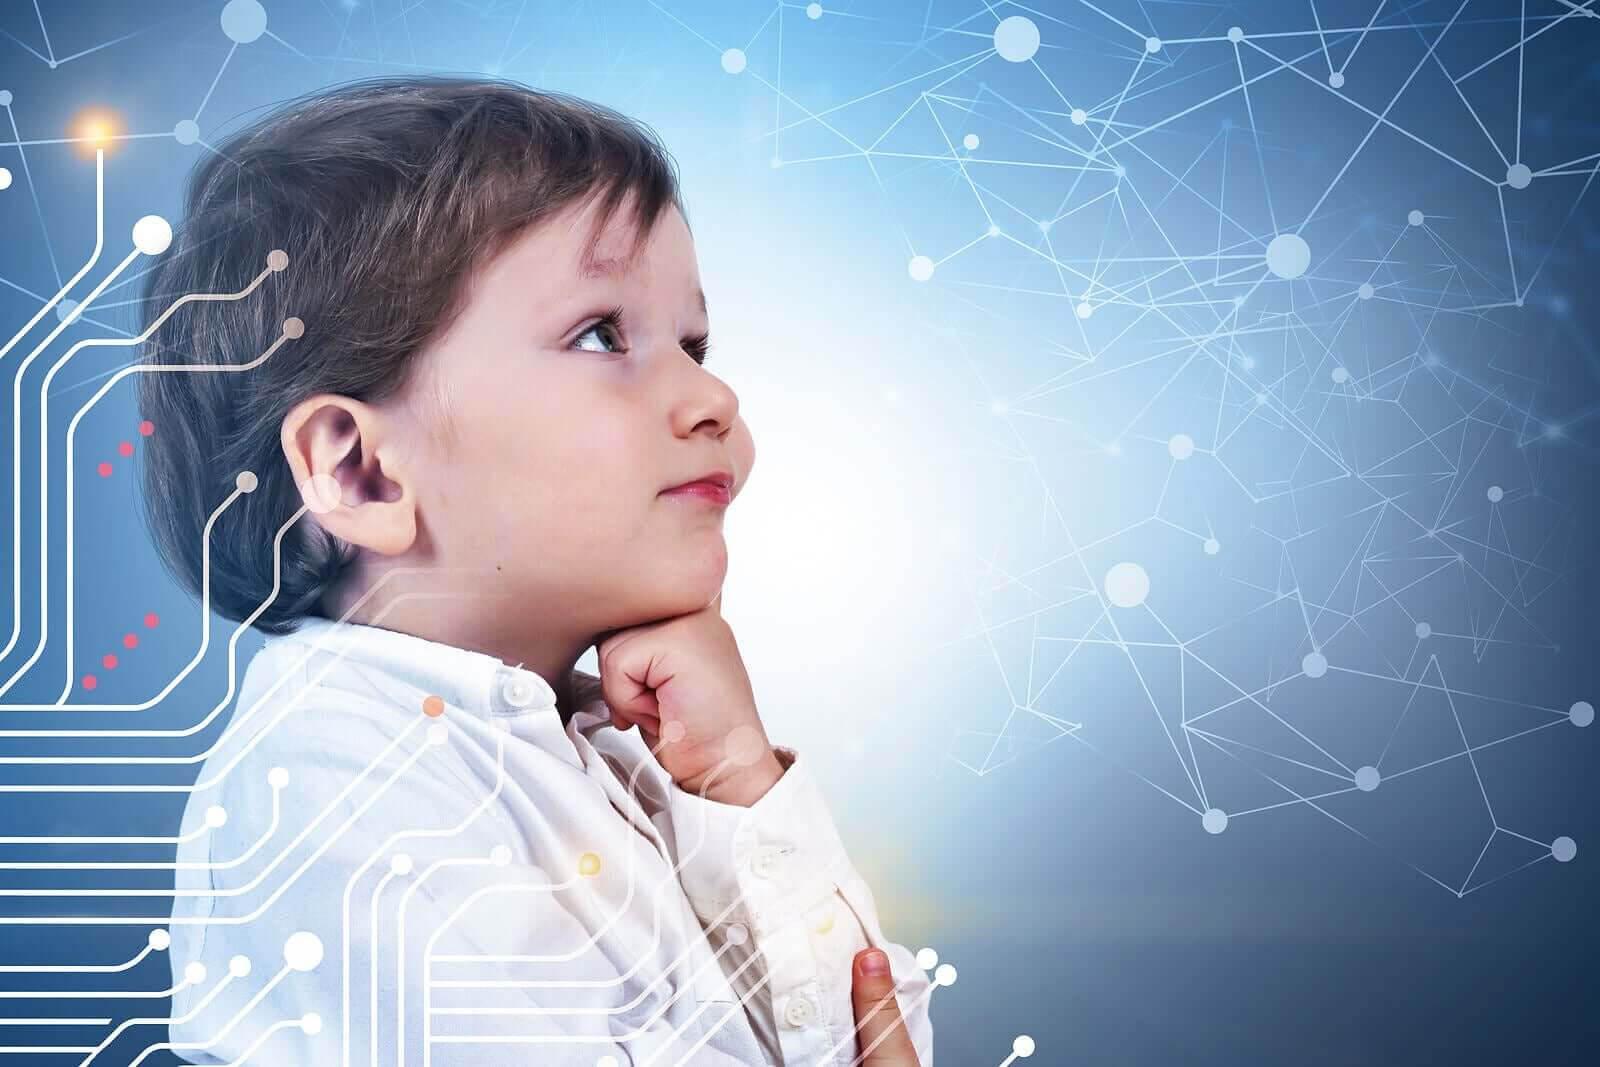 vetenskapligt tänkande hos barn: barn tittar på nätverk